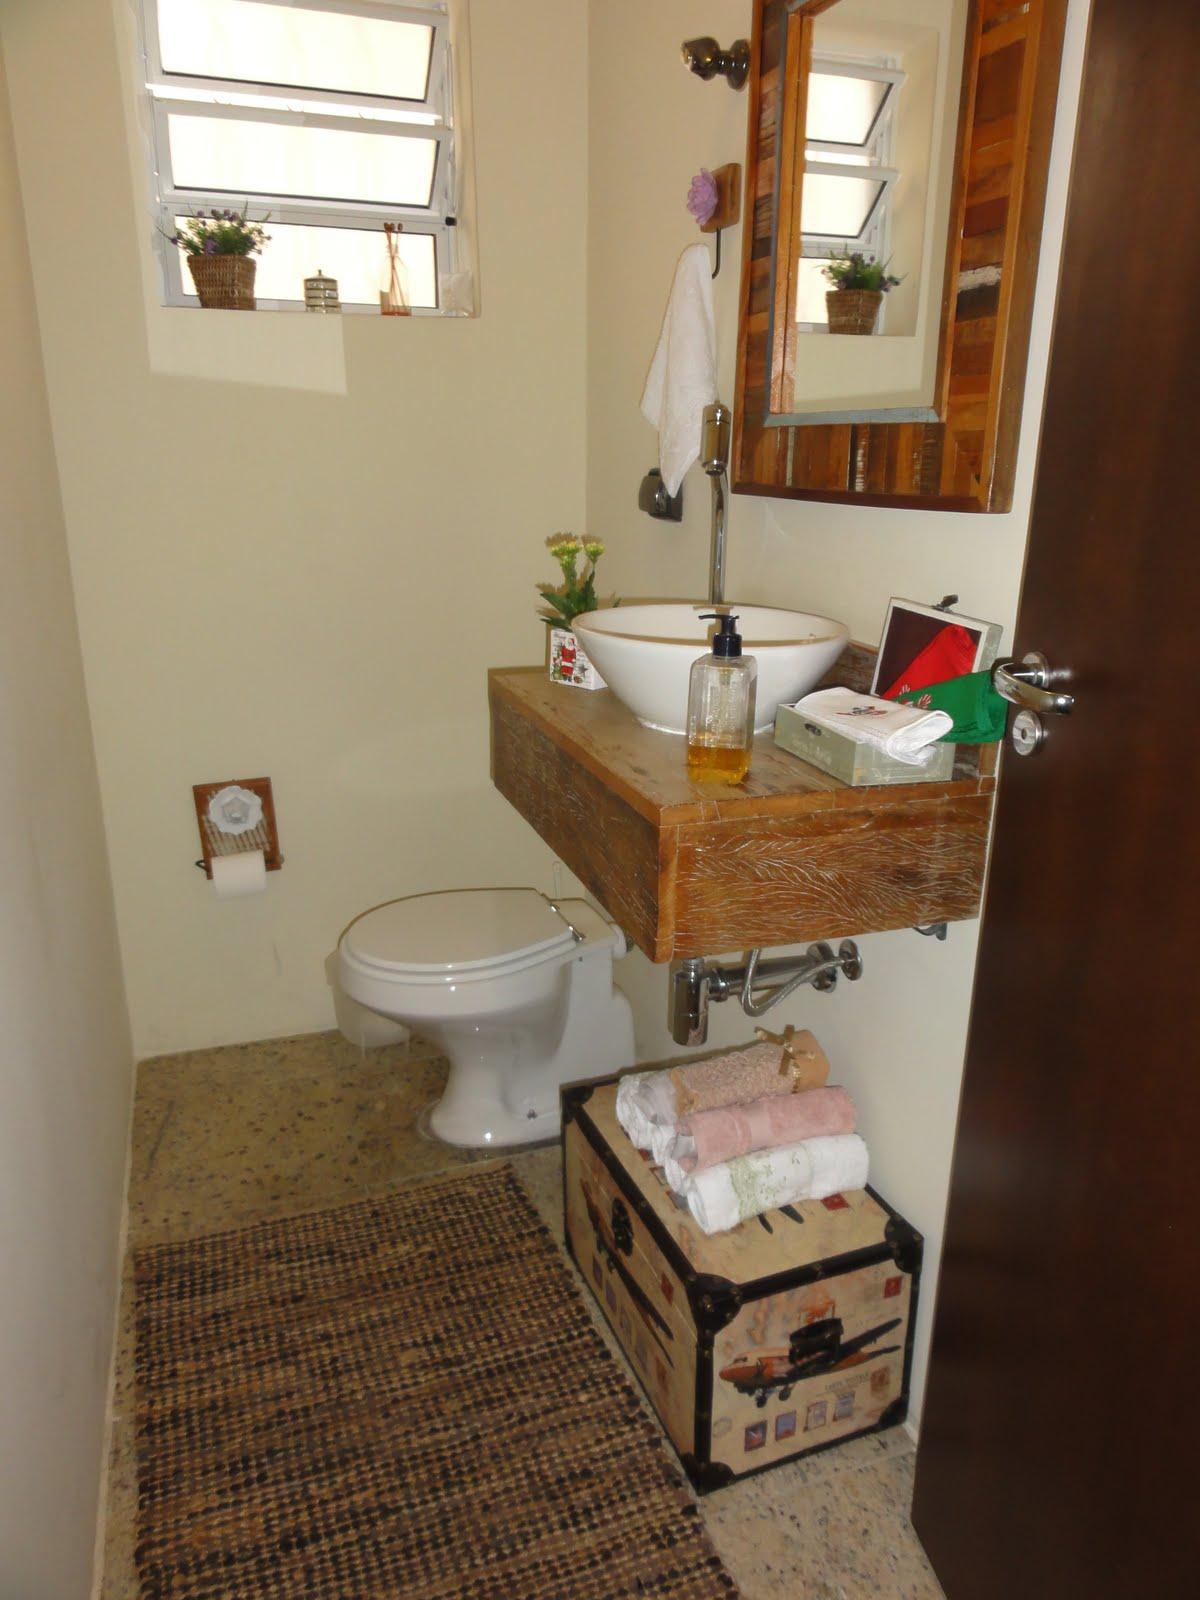 lavabo da minha casa é bem rústico e eu adoro esse estilo! #B41817 1200 1600